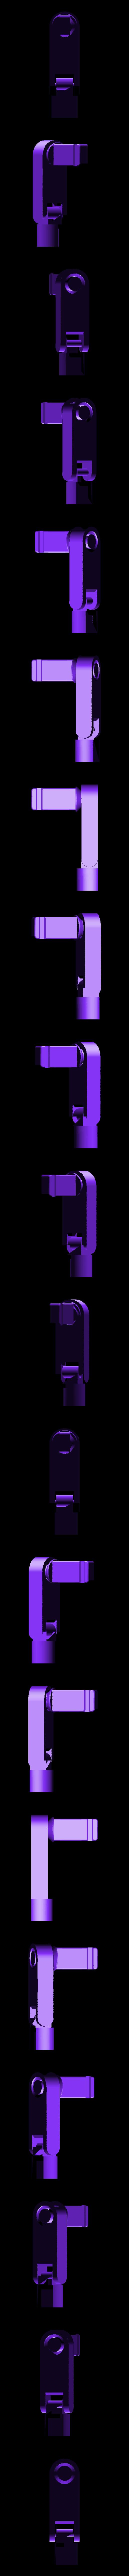 CSS-crank-handle.stl Télécharger fichier STL gratuit Distributeur de soudure à manivelle à main • Objet imprimable en 3D, Adafruit